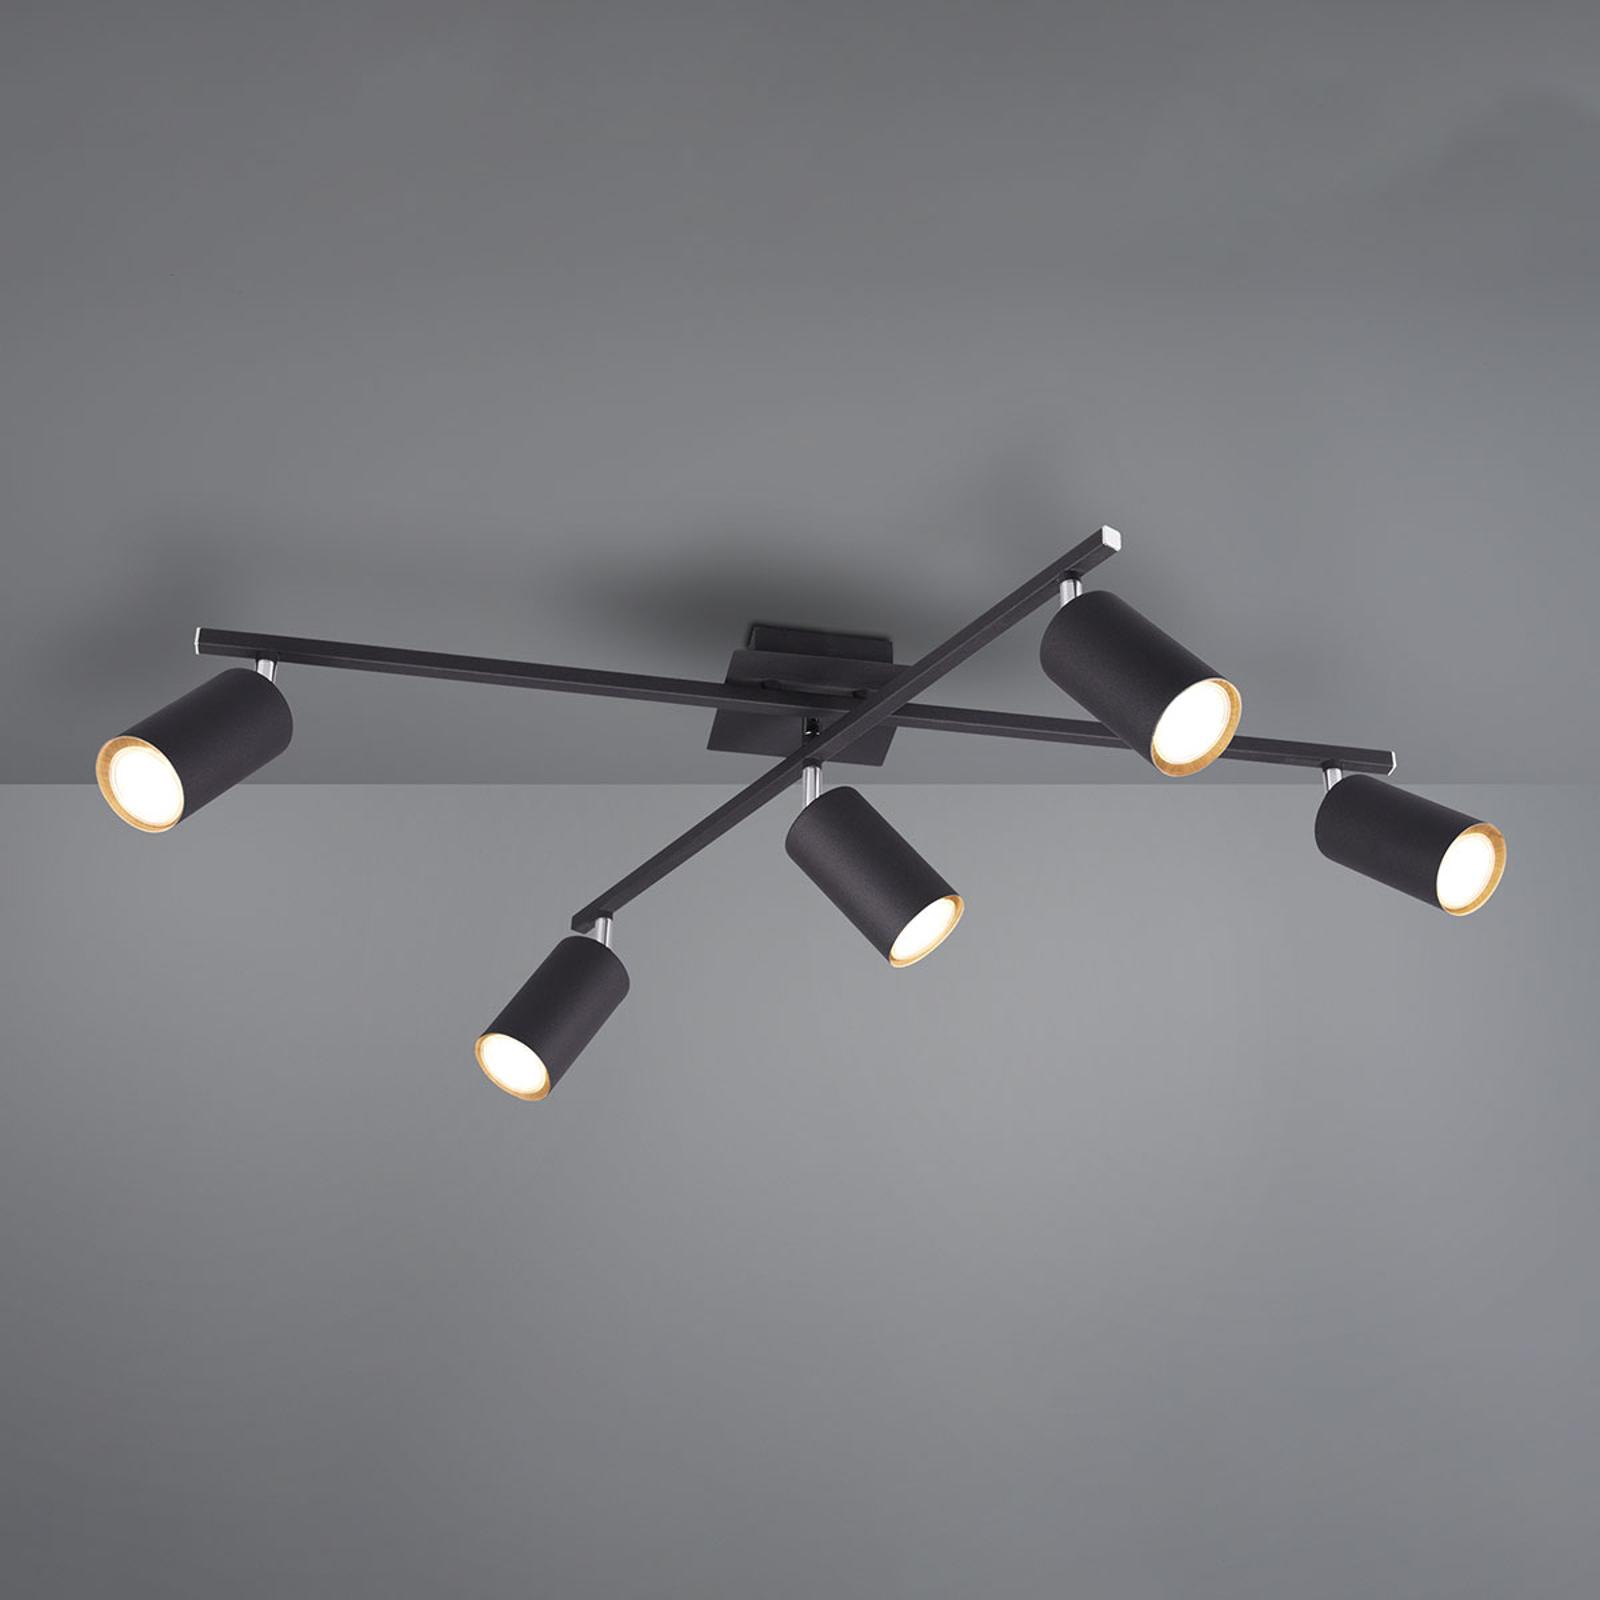 Taklampe Marley svart 5 lyskilder